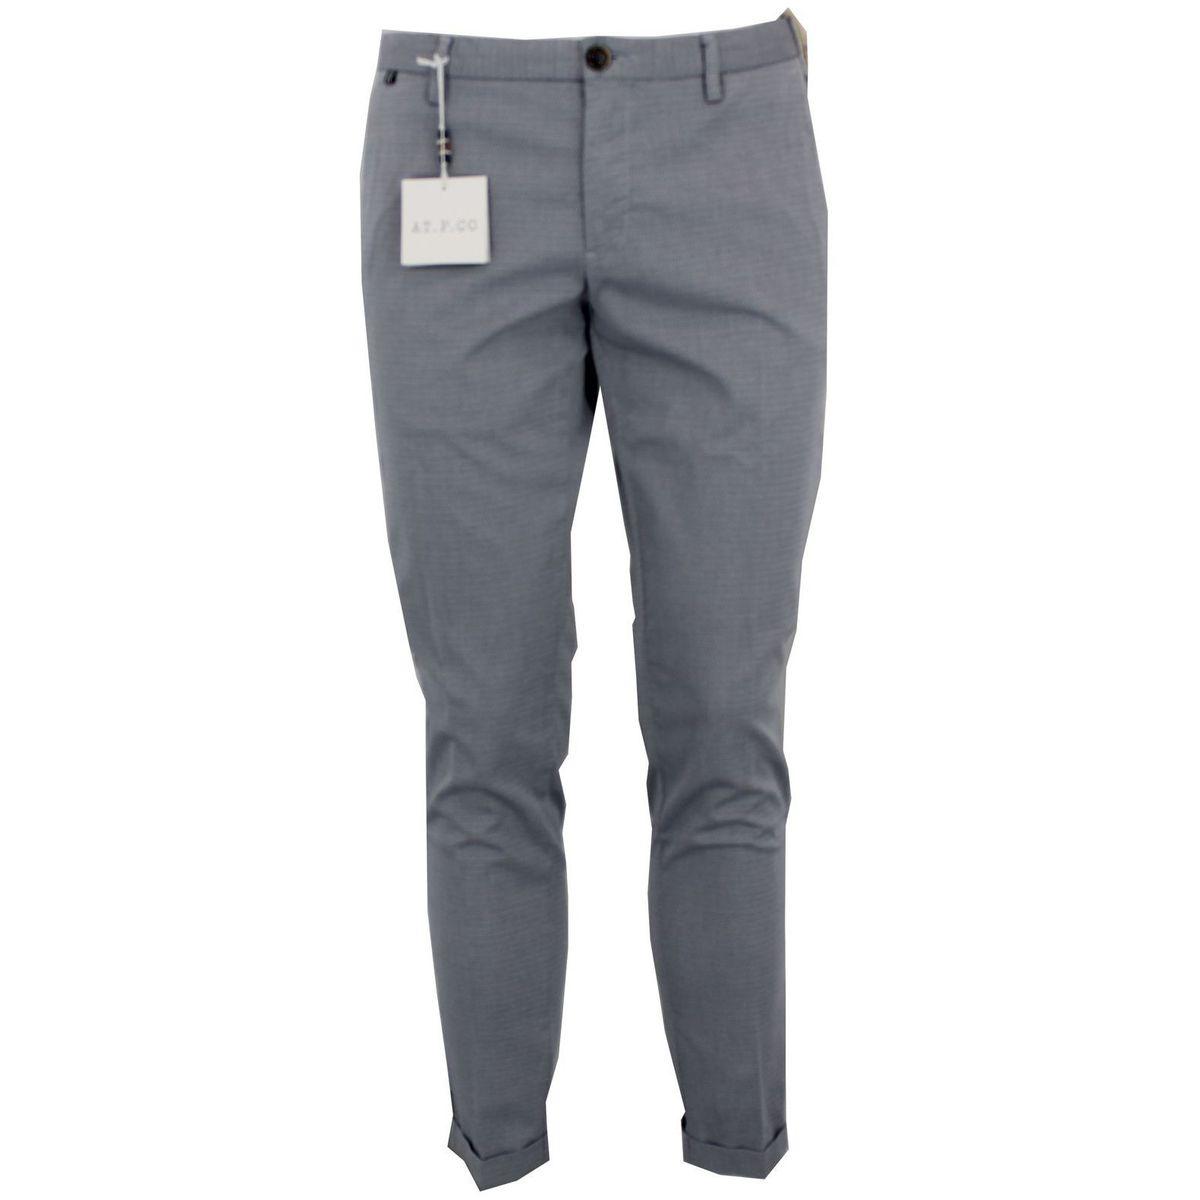 Pantalone in cotone grigio Blue At.p.co